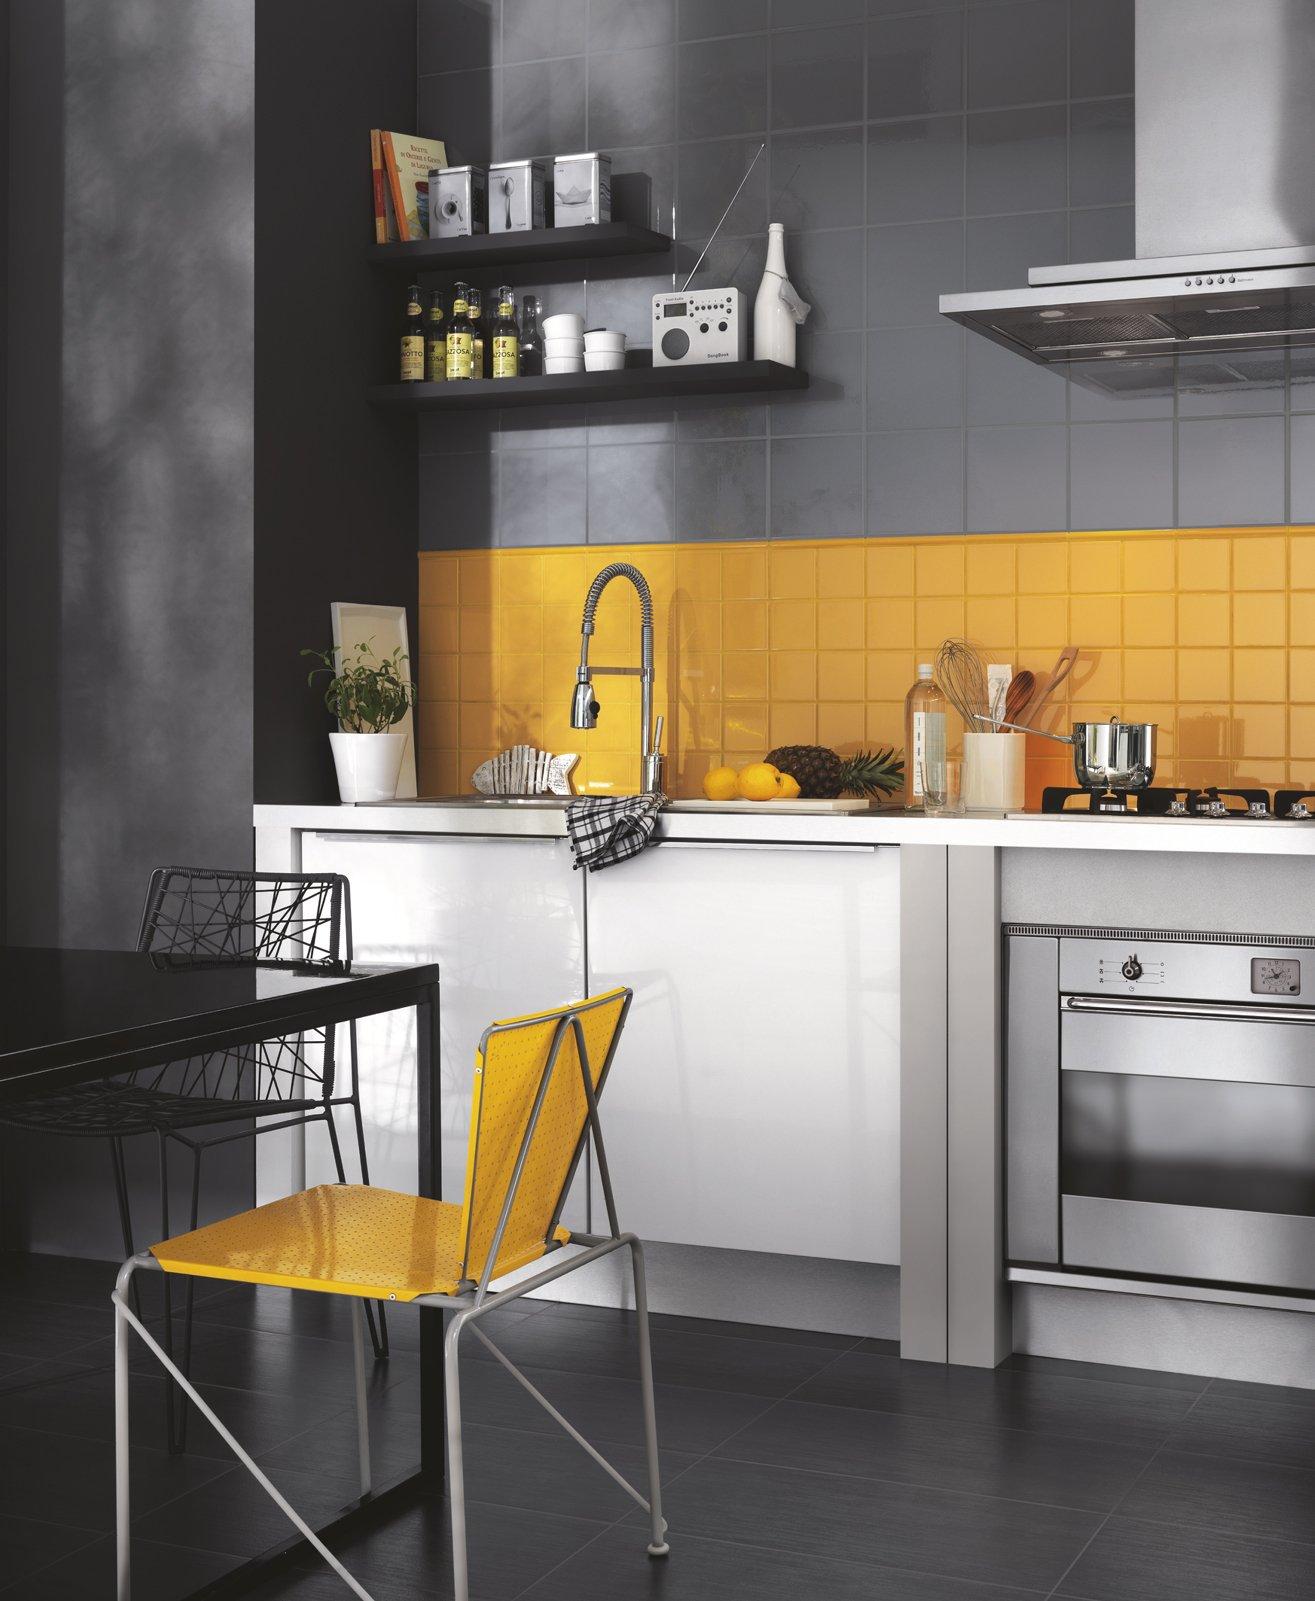 Piastrelle cucina materiali prezzi e soluzioni consigliate - Piastrelle diamantate cucina ...